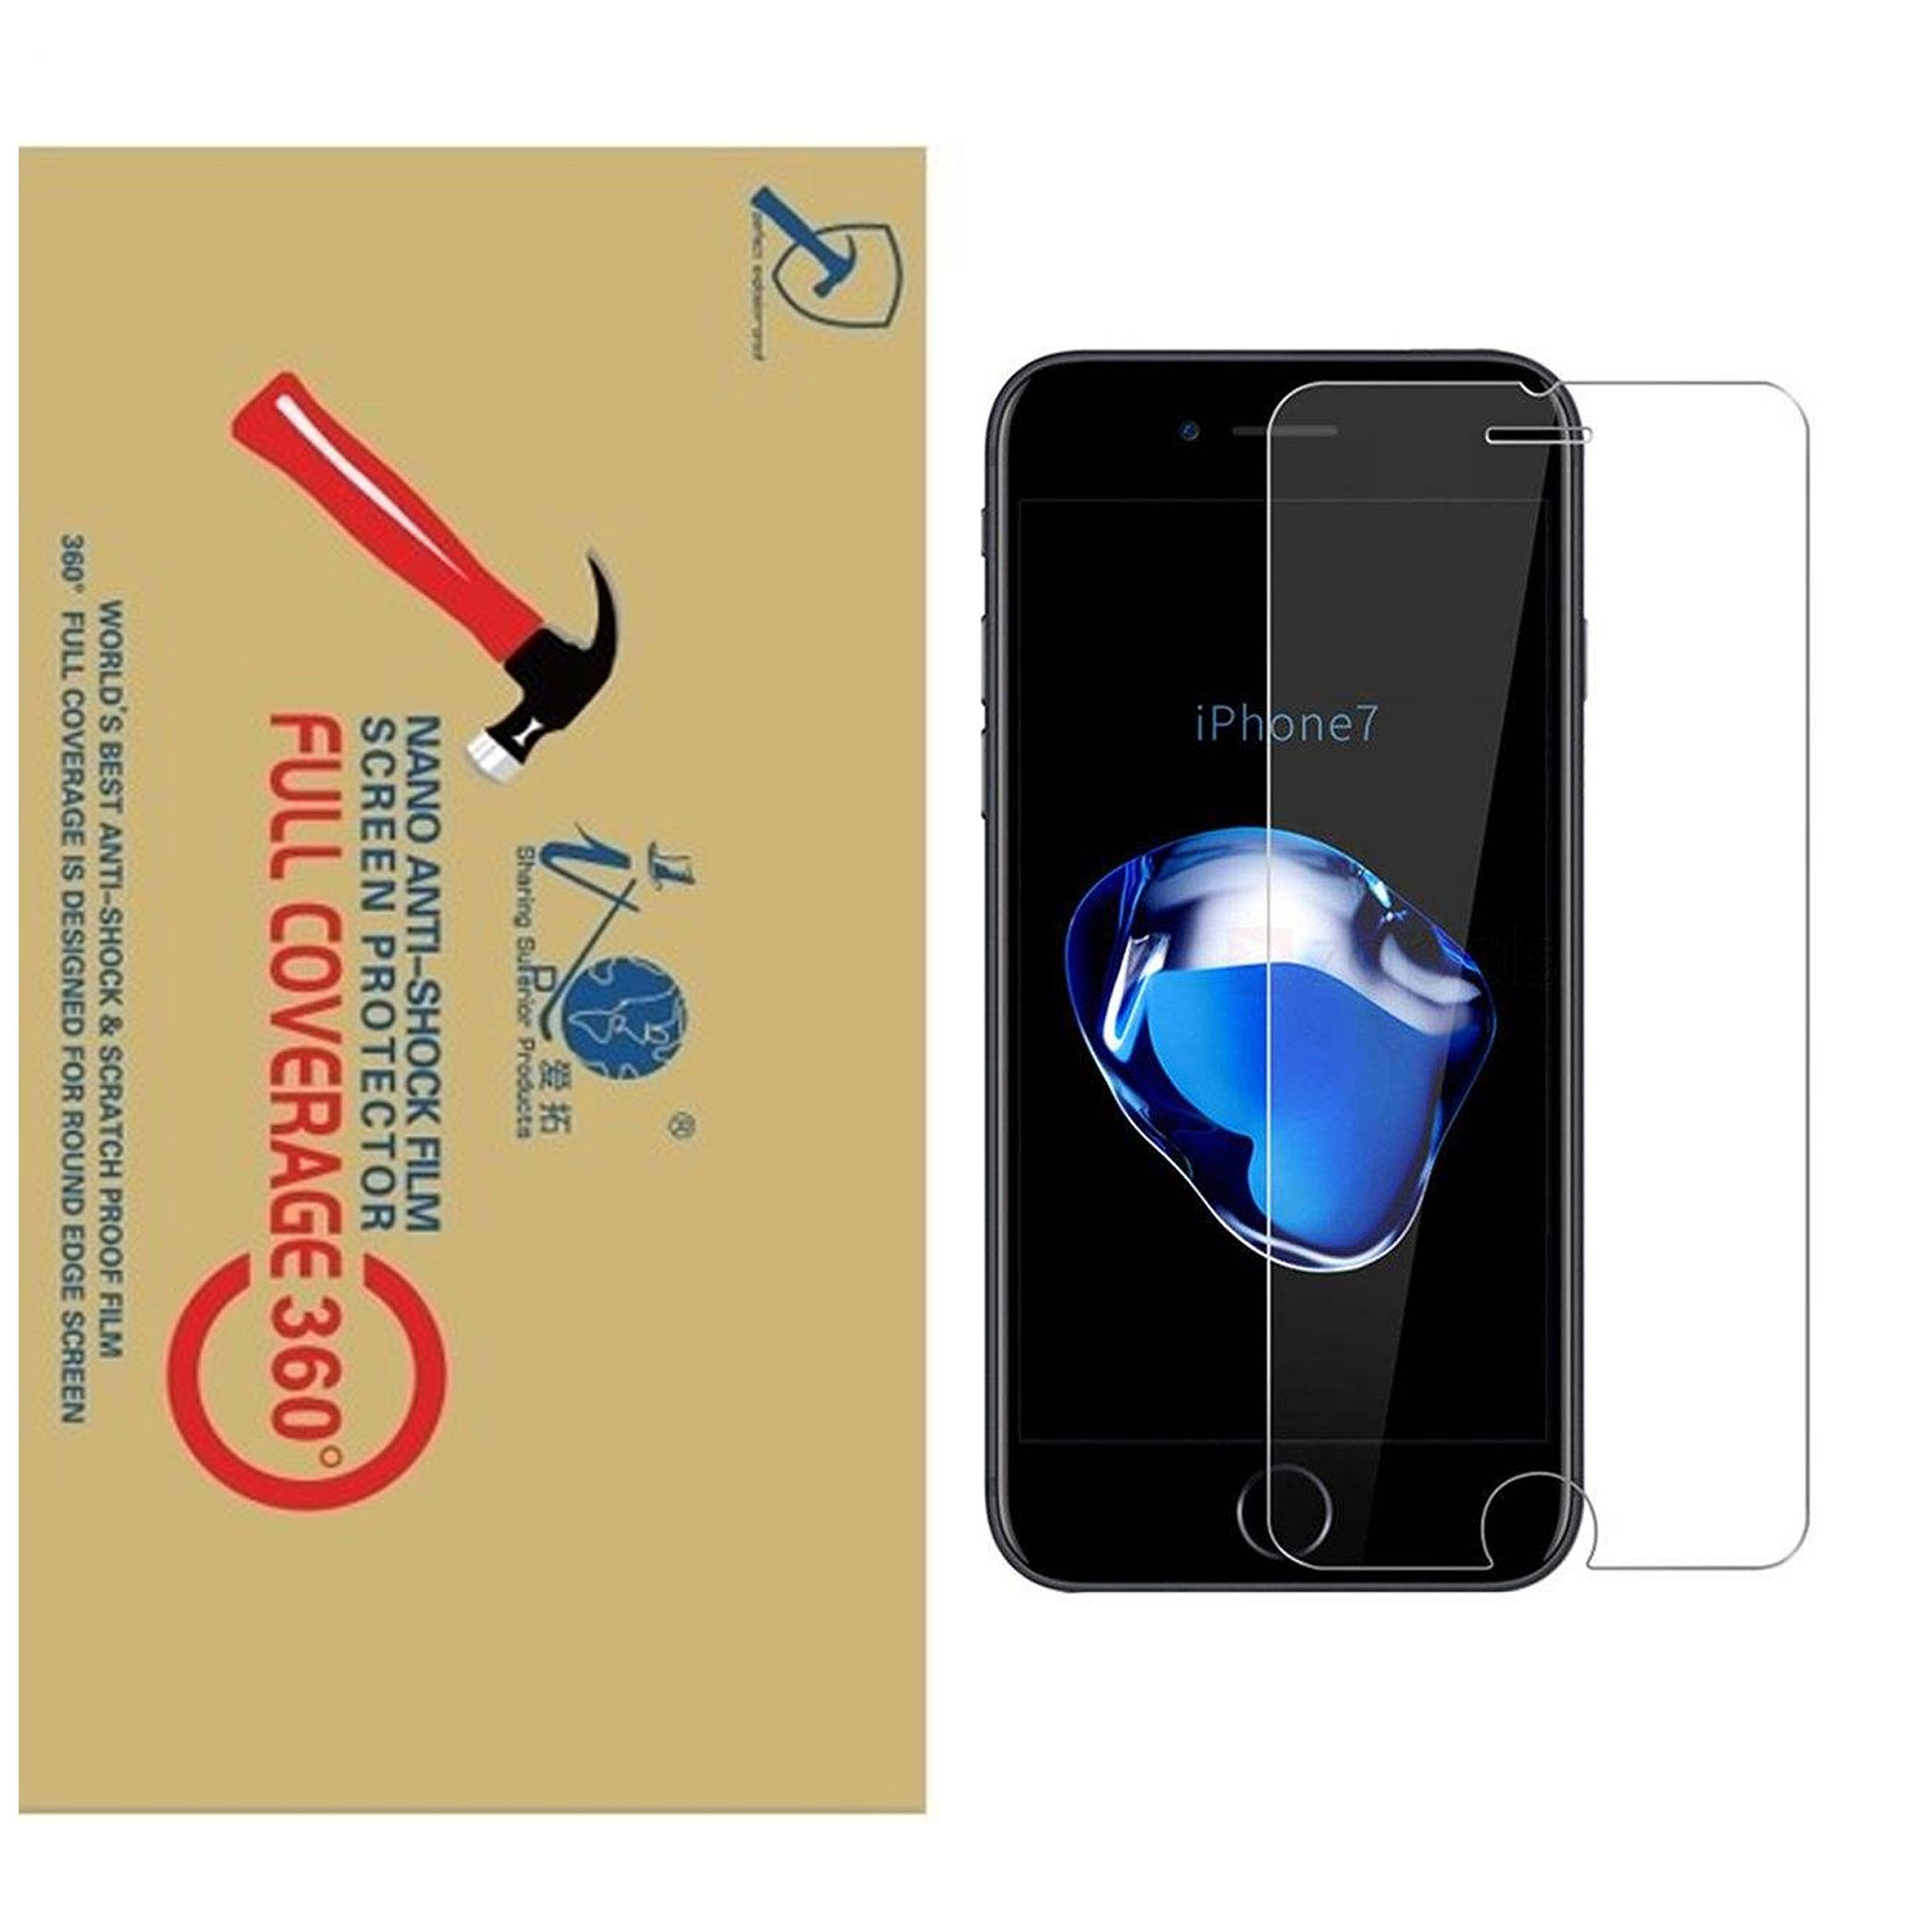 محافظ صفحه نمایش نانو مدل ITP-001 مناسب برای گوشی موبایل اپل iPhone 7 / 8 / SE 2020